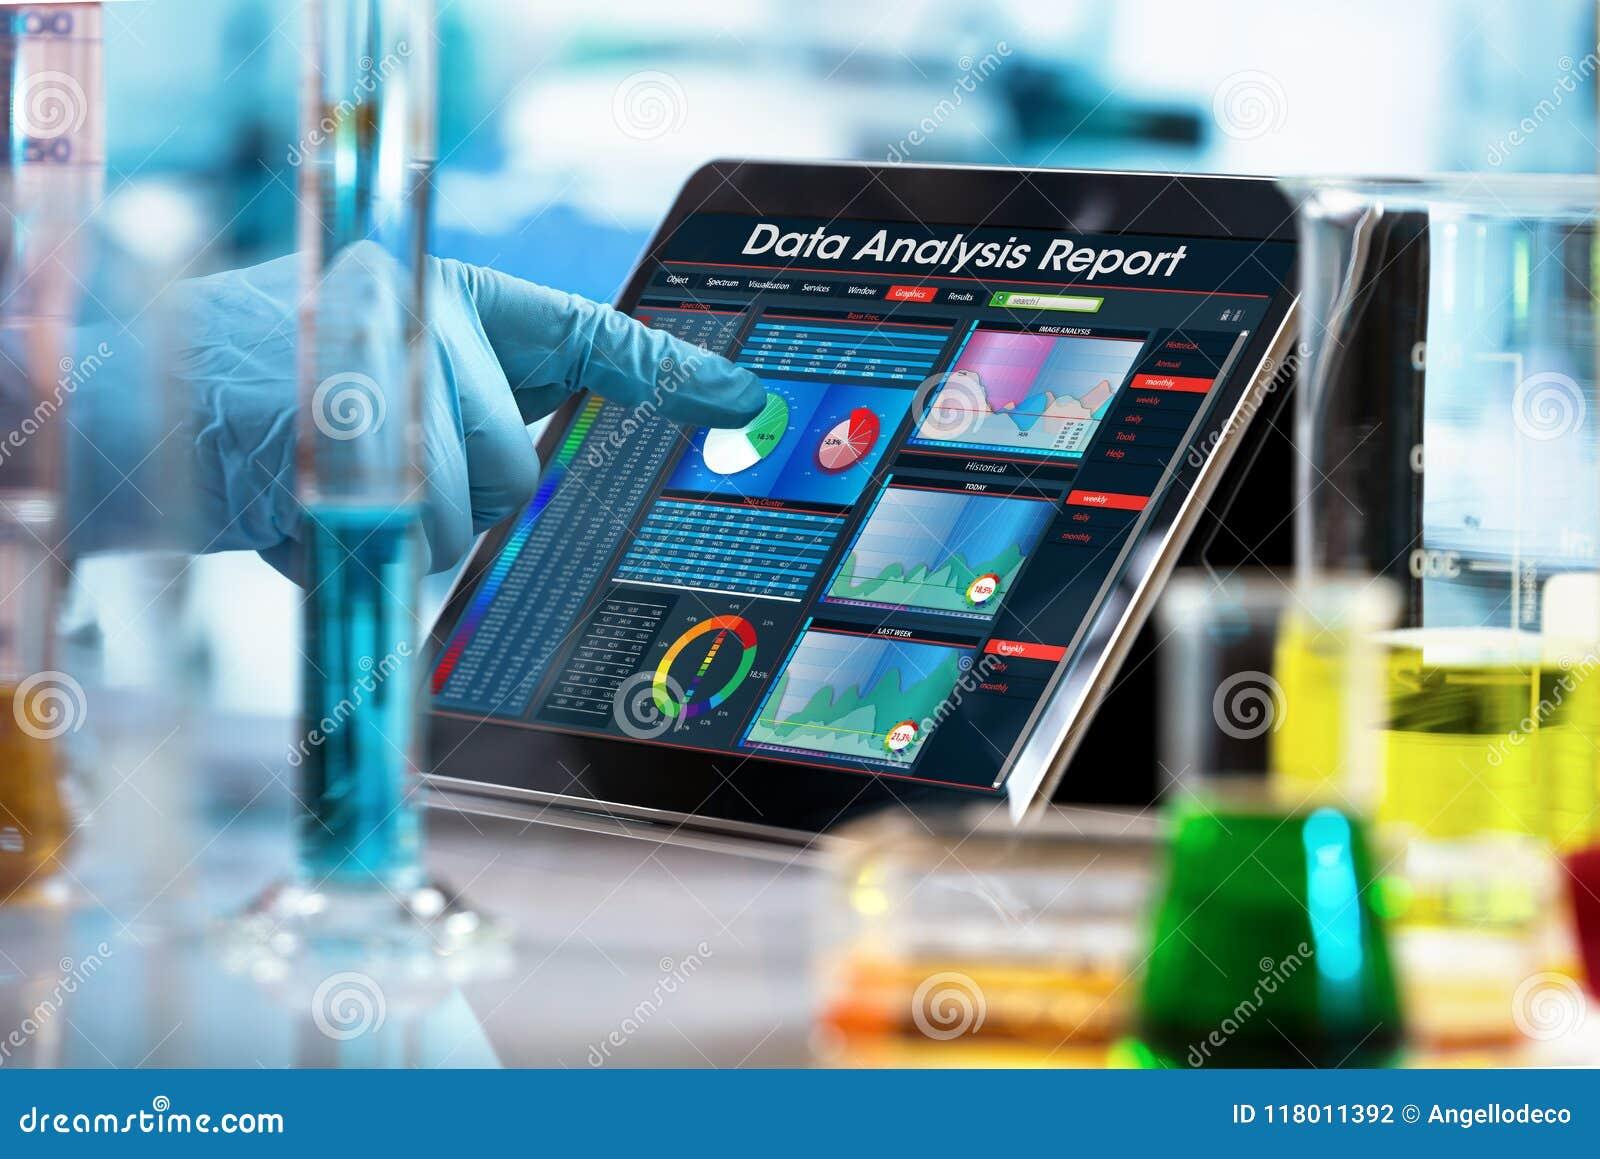 Ricercatore che lavora con il rapporto di analisi dei dati in compressa digitale o